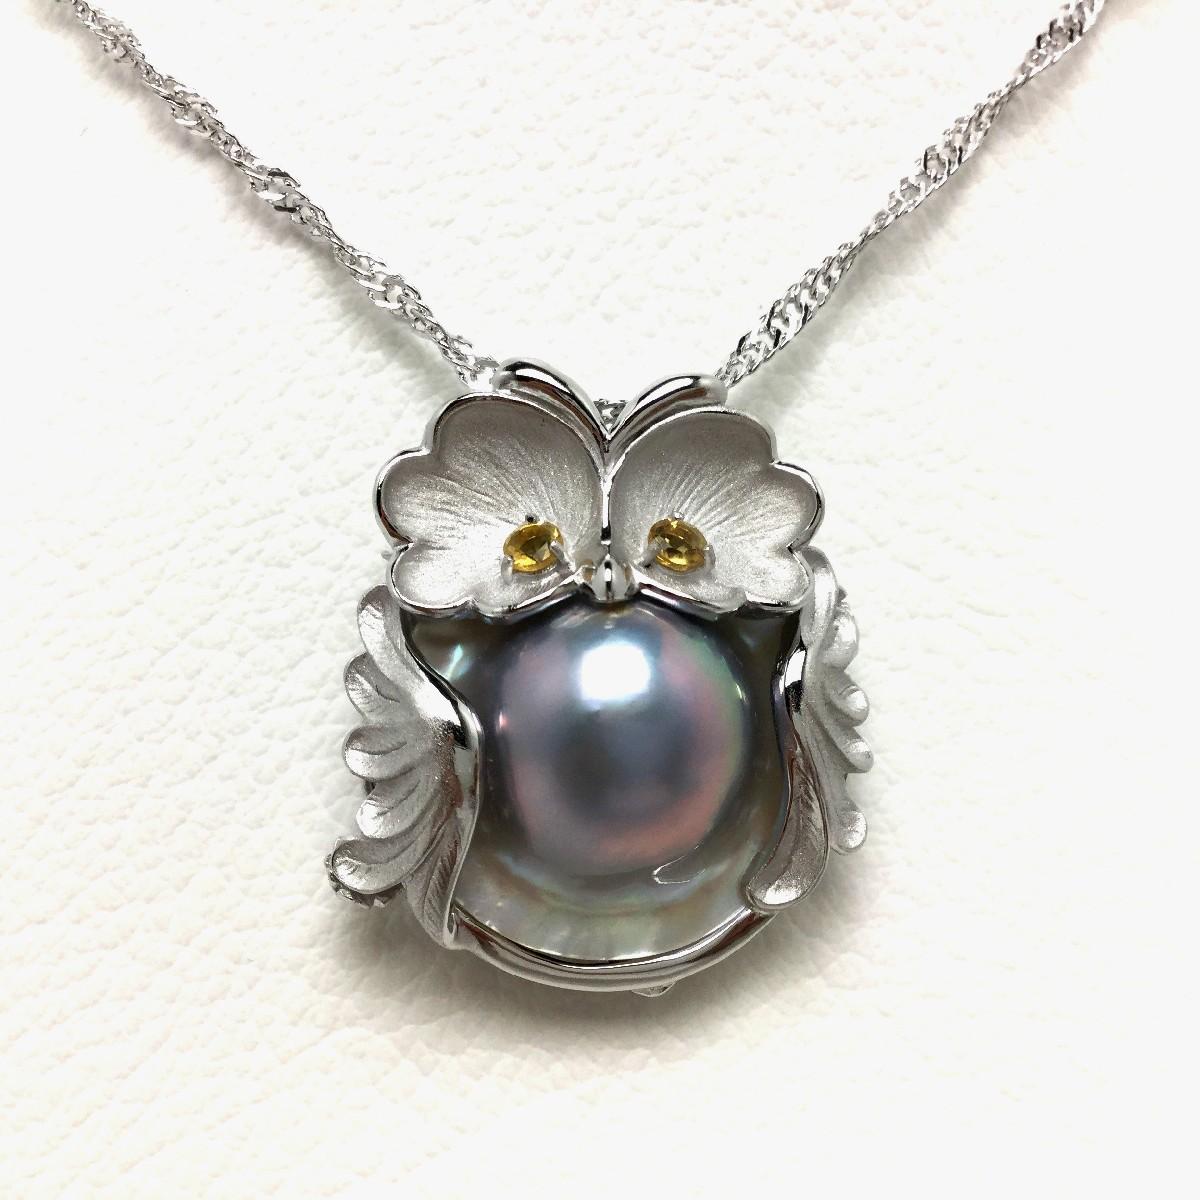 【10%OFF】真珠 ペンダント パール マベ真珠 14.7mm シルバーブルー シルバー シトリン (黄水晶) 鳥 65402 イソワパール